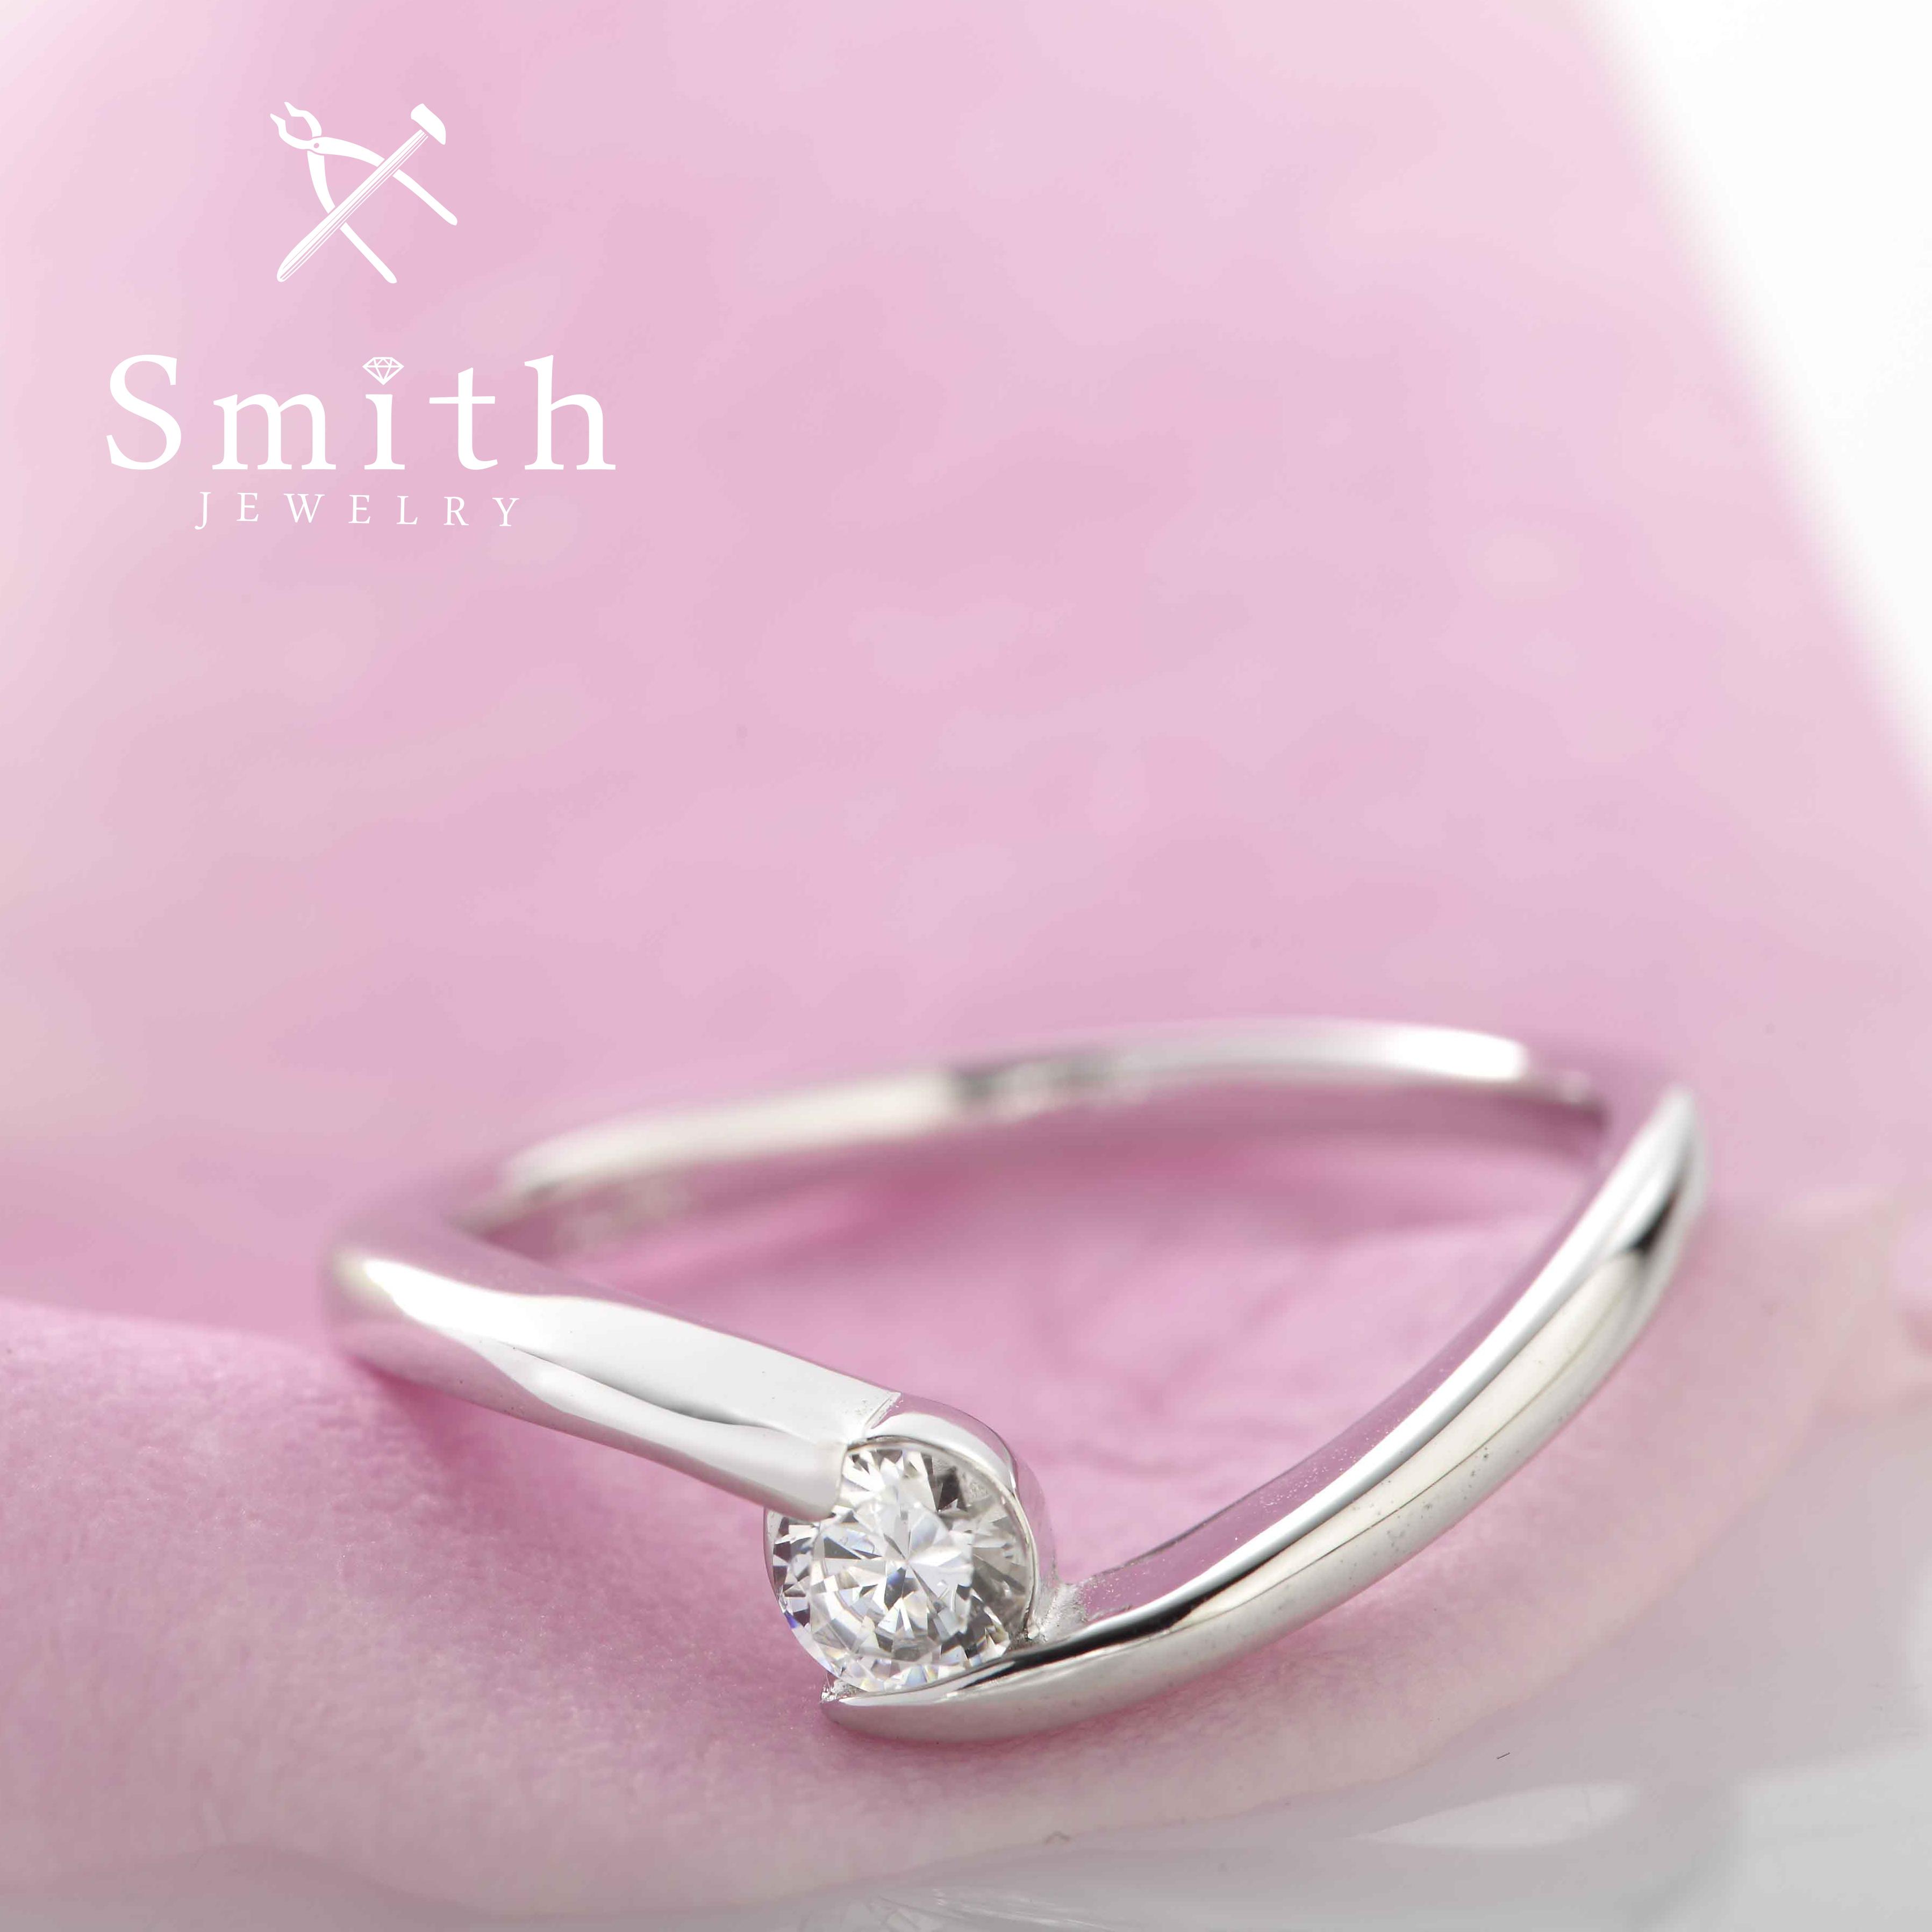 【Smith】オーダーメイド婚約指輪 個性的な花嫁に似合う、アシンメトリーなエンゲージリング